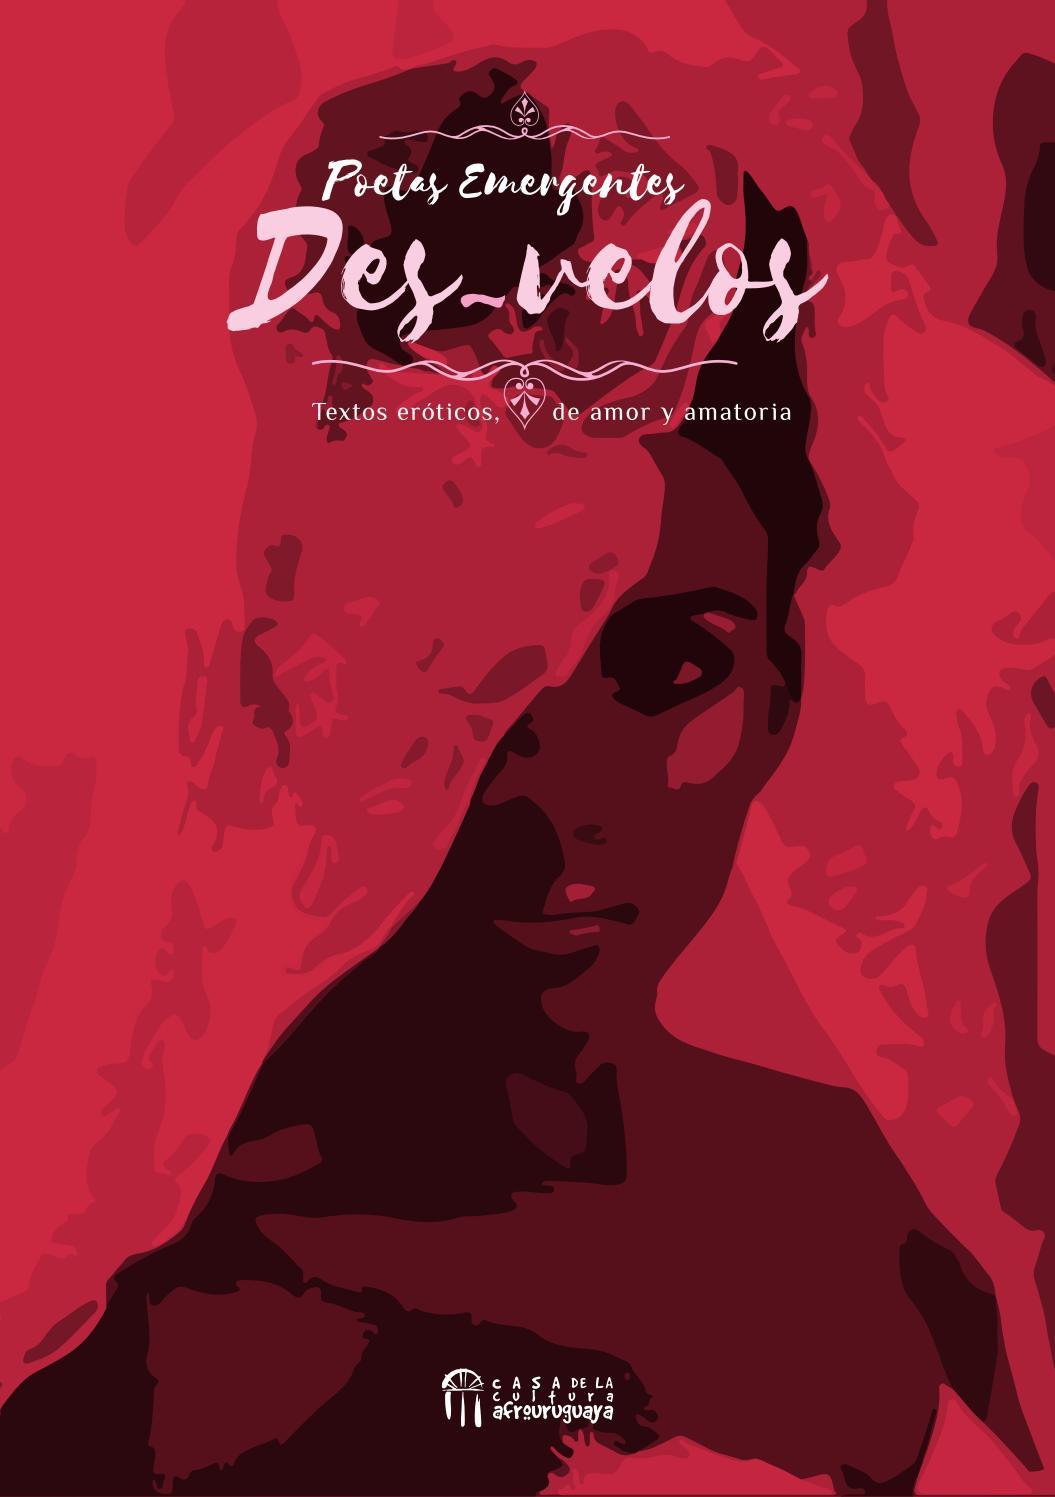 Desvelos Compilado De Poemas De Amor Amatorios Y Eroticos